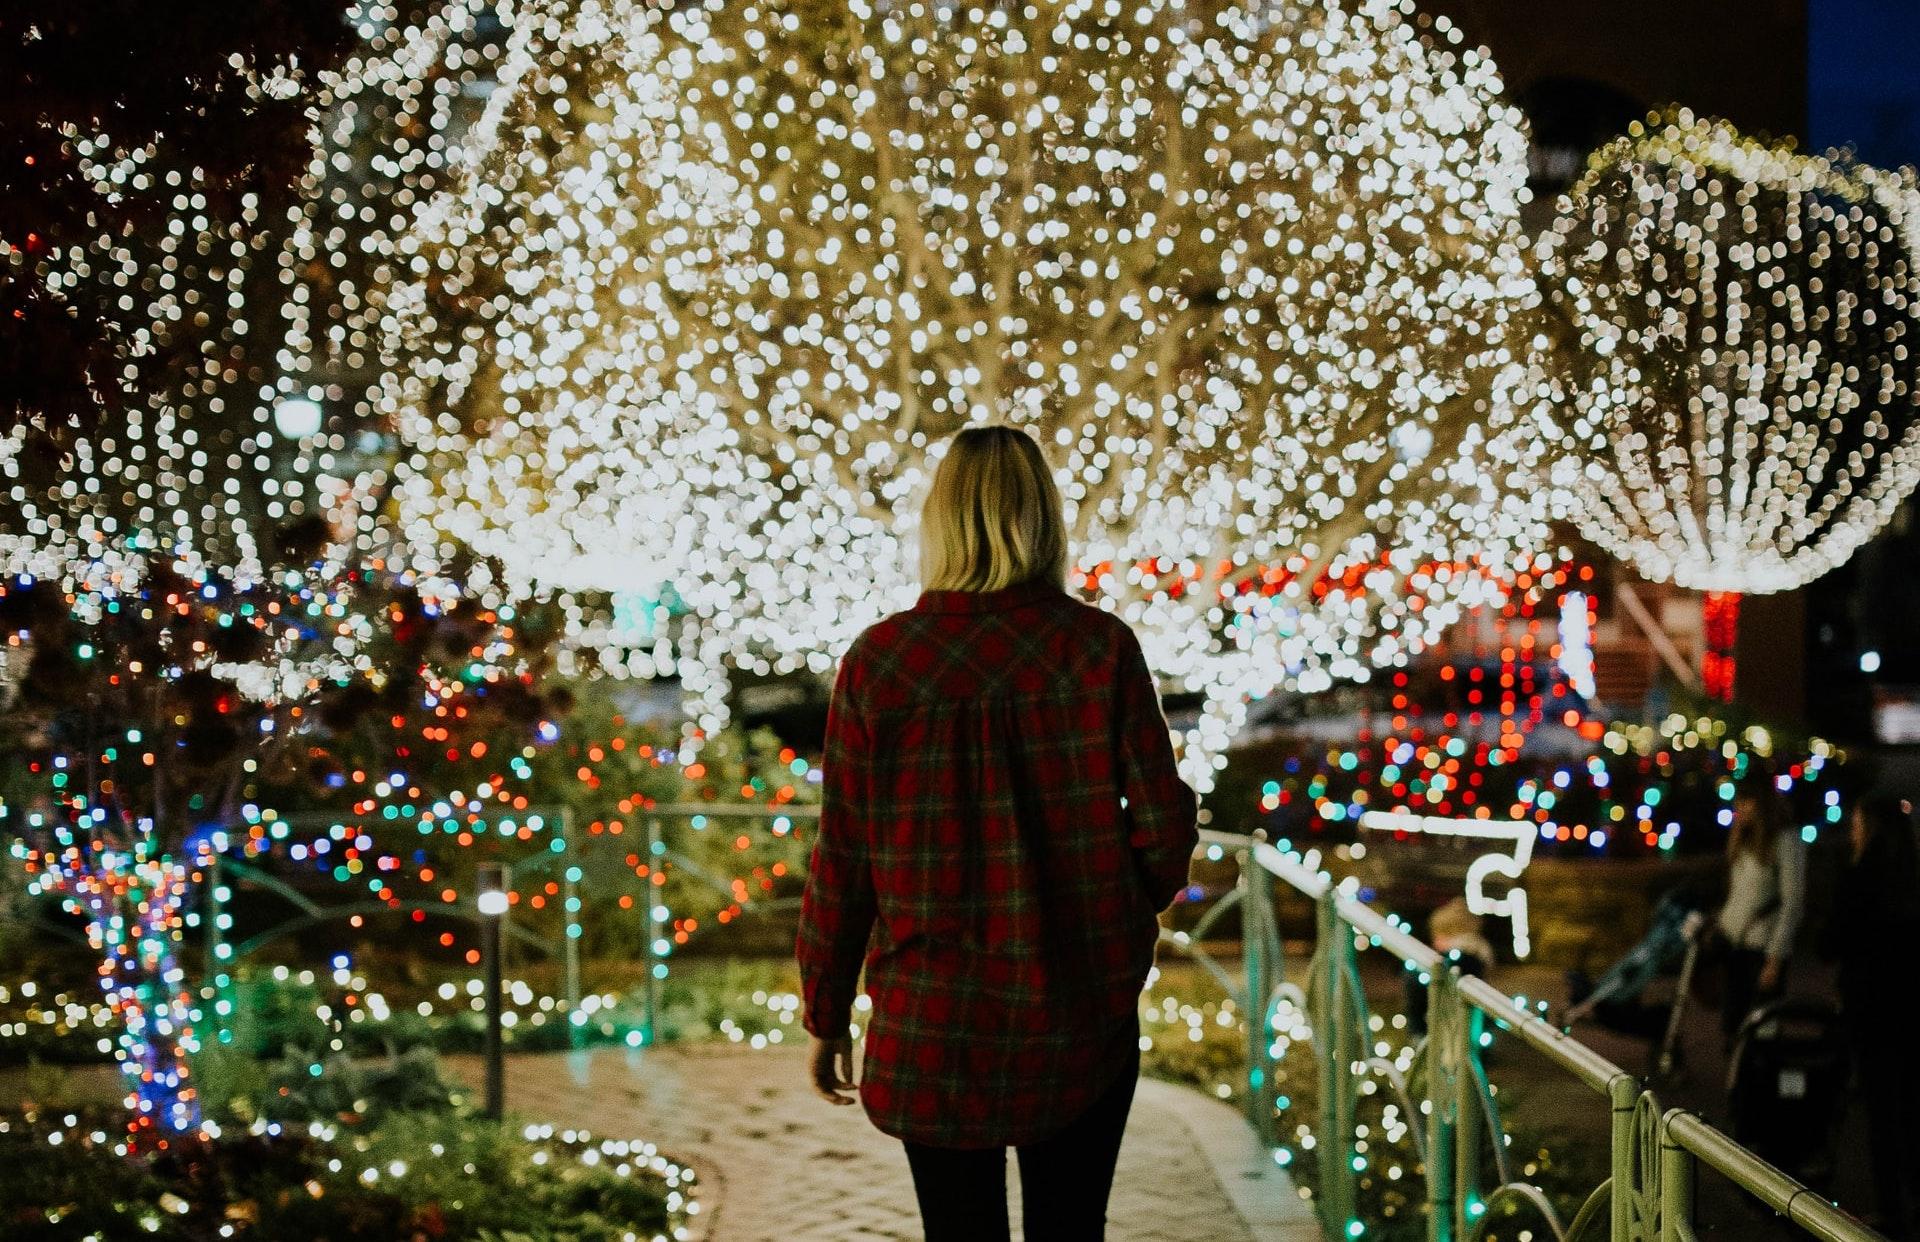 Christmas lights display outside